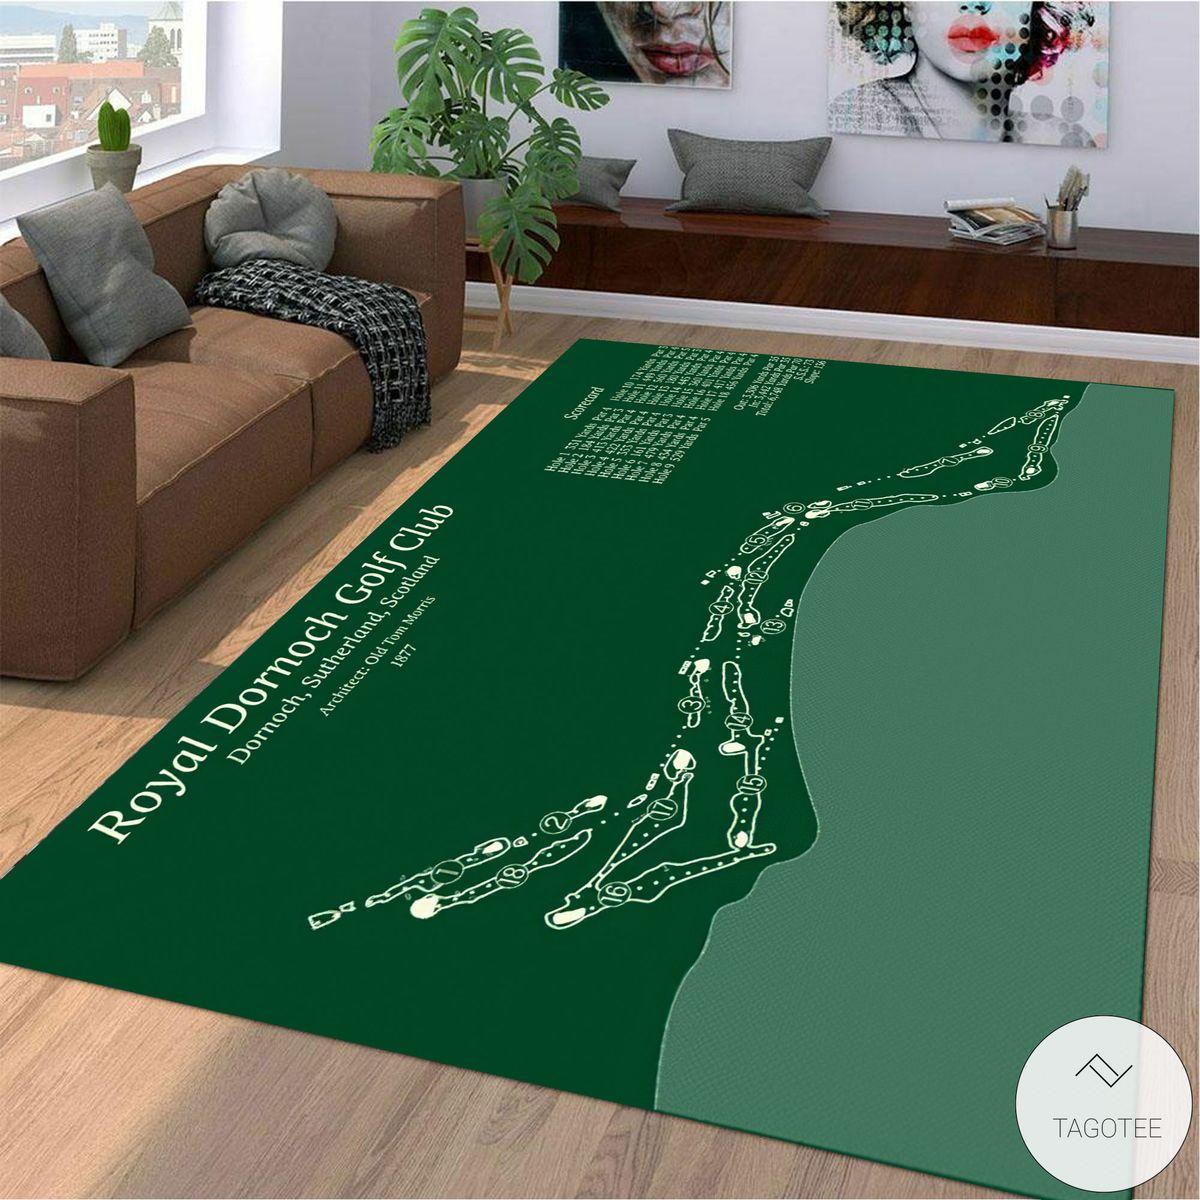 Royal Dornoch Golf Club Course Map Layout Rug